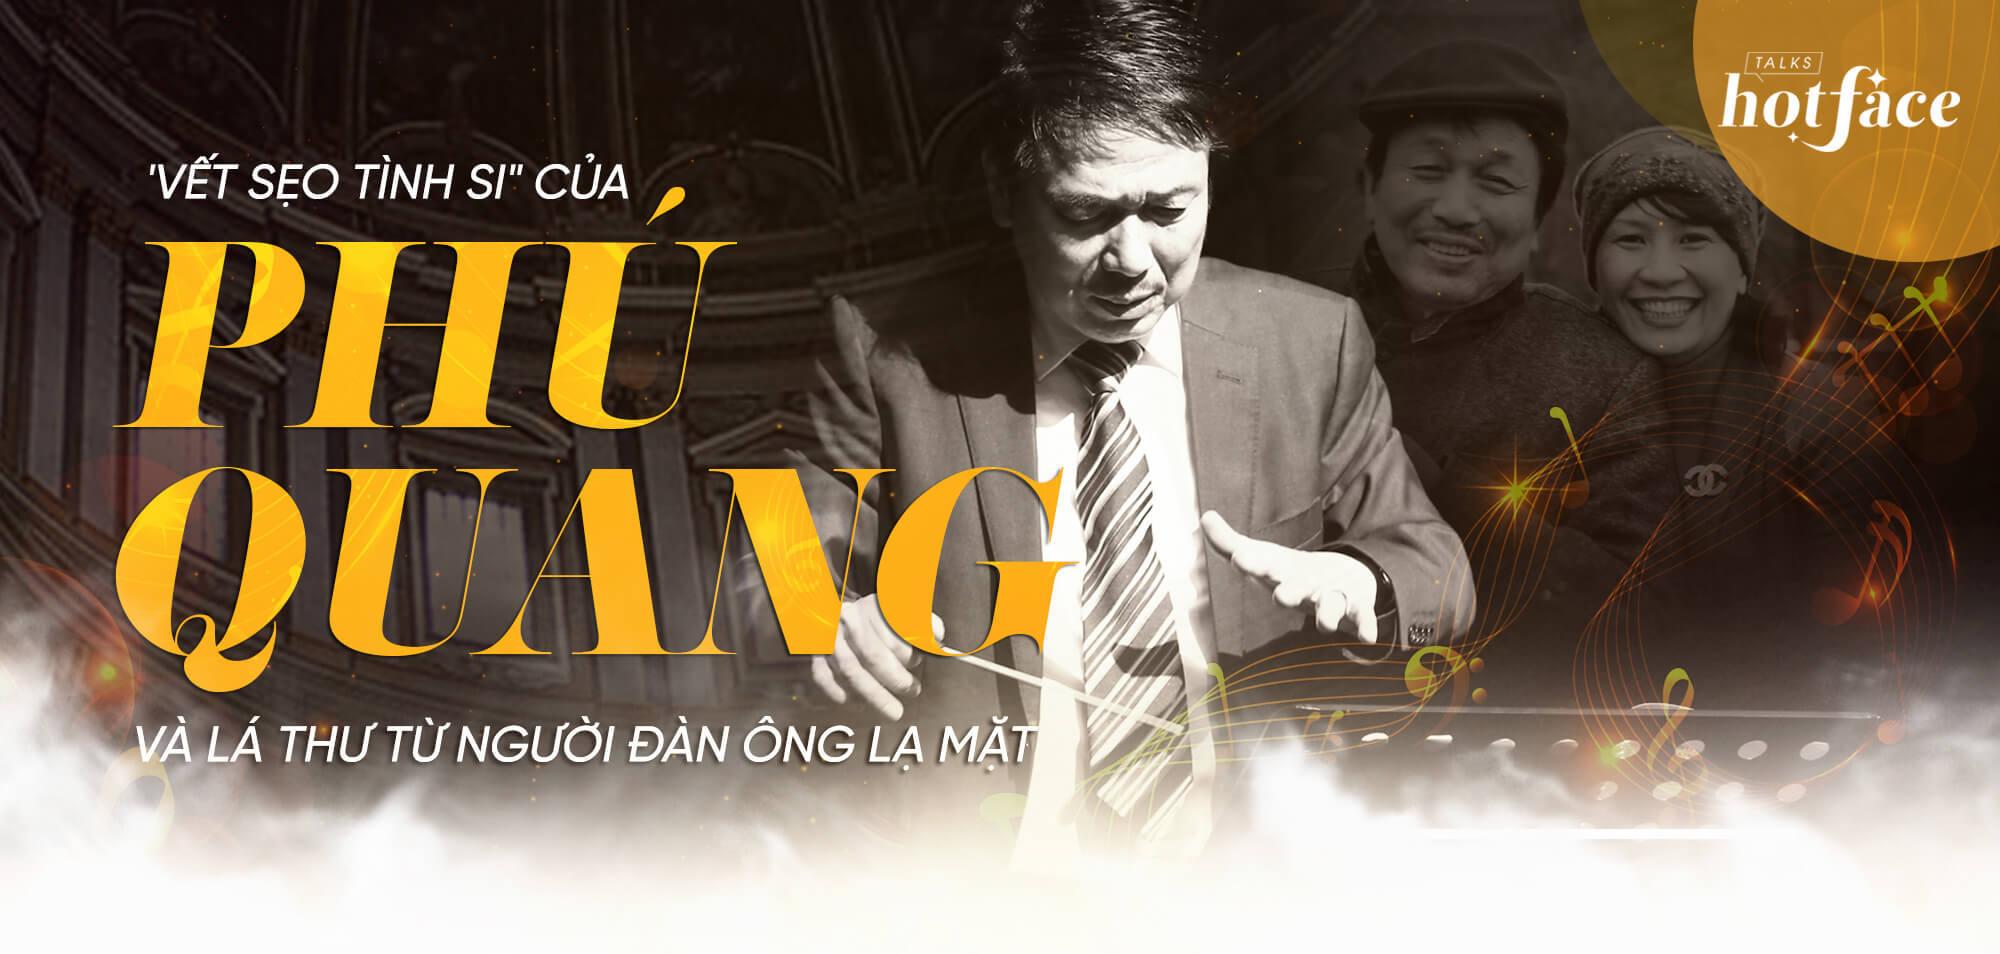 Phú Quang,Bùi Công Duy,Trinh Hương